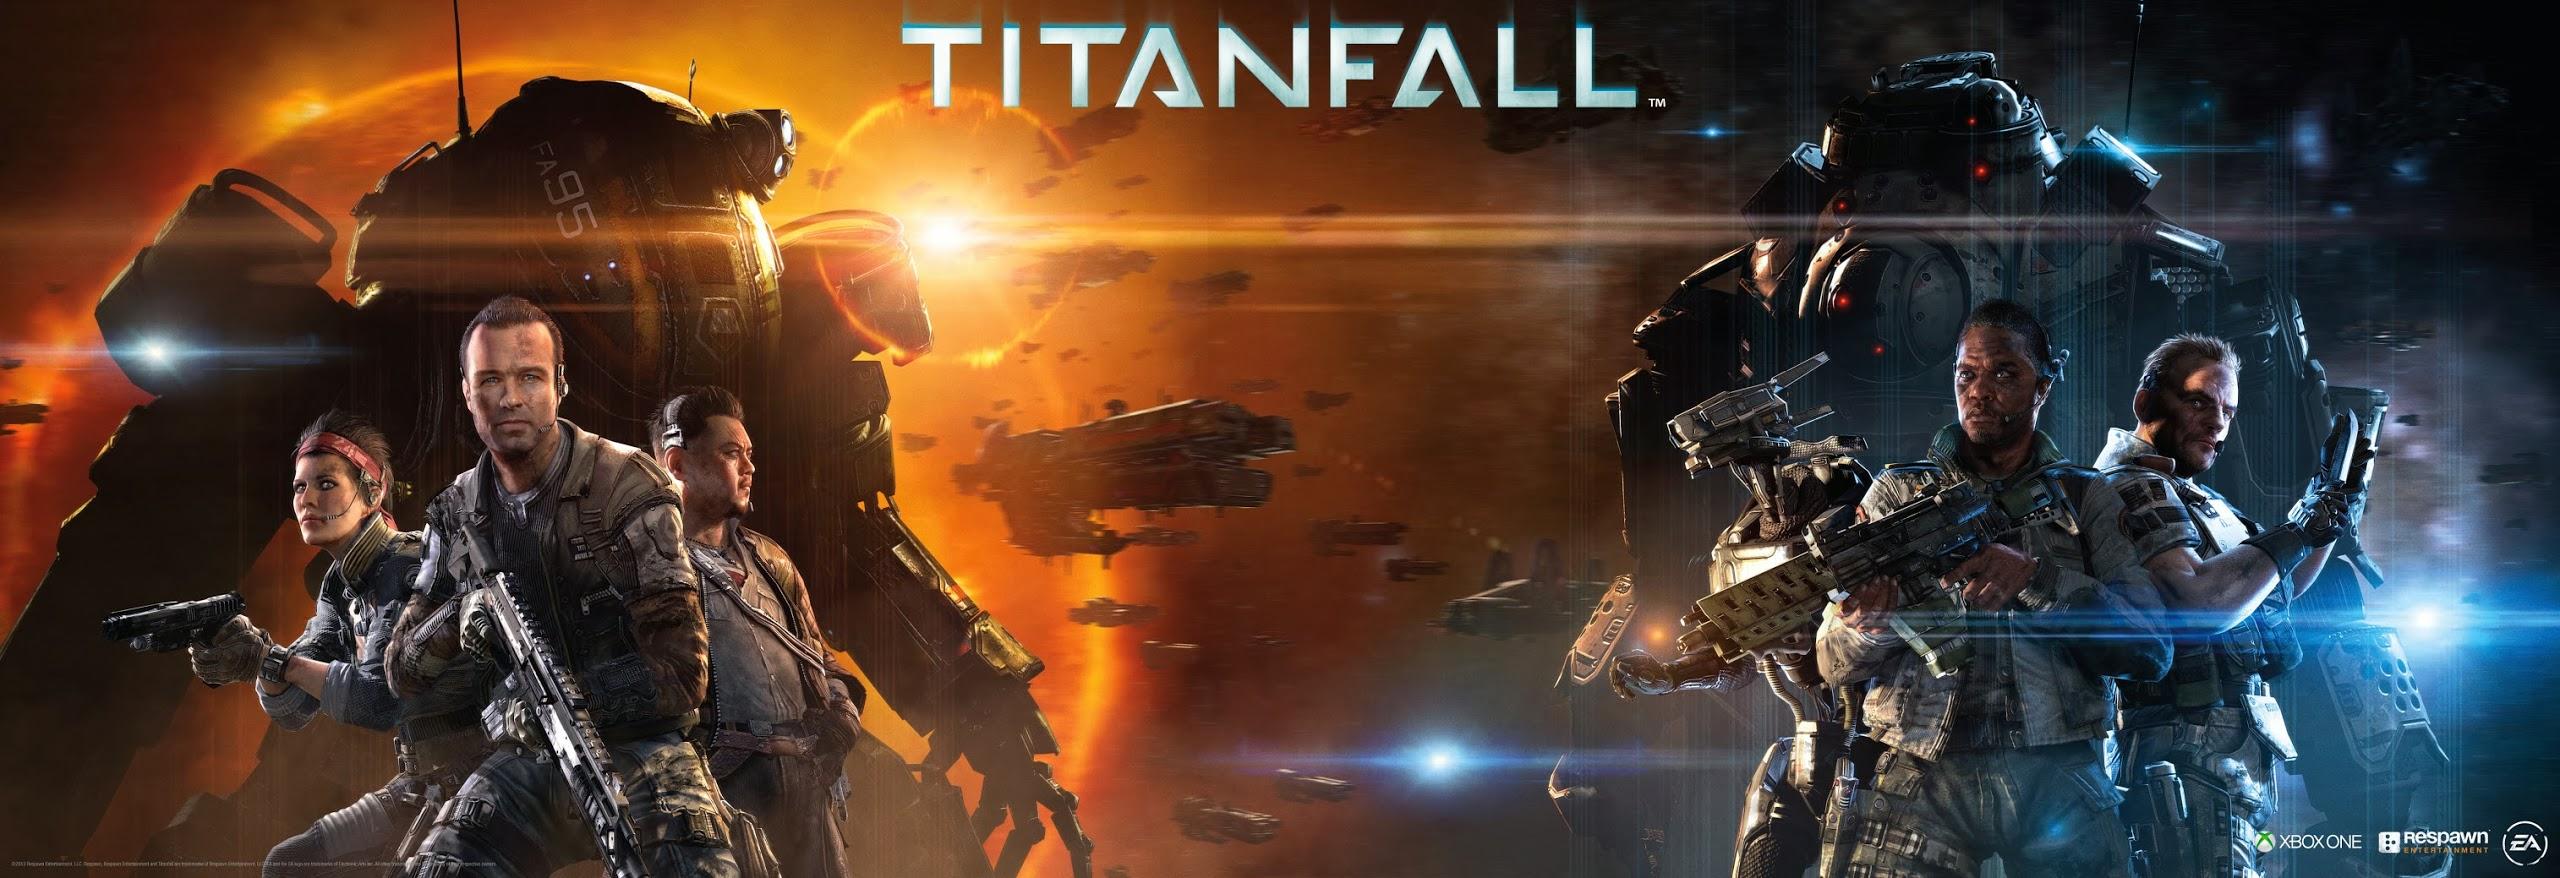 Titanfall přiblížil frakce a hlavní postavy 93263